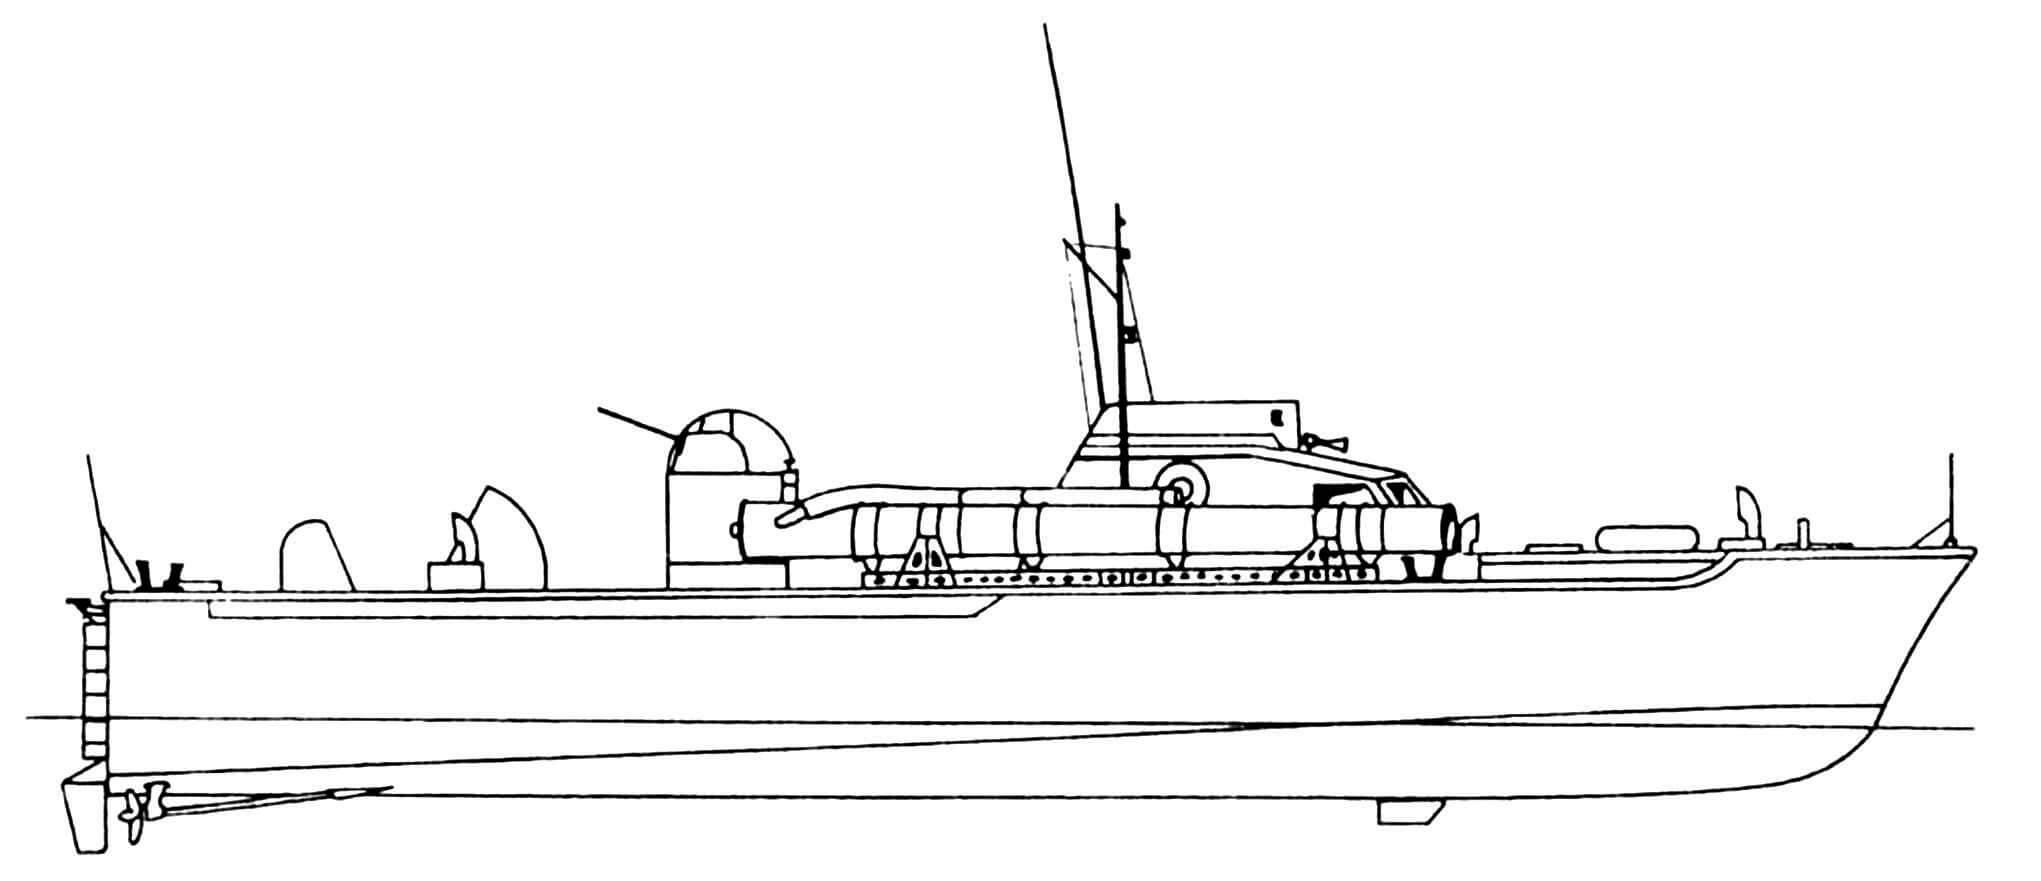 Торпедный катер ТК-224 («Воспер» первой серии, строившийся по заказу Великобритании).